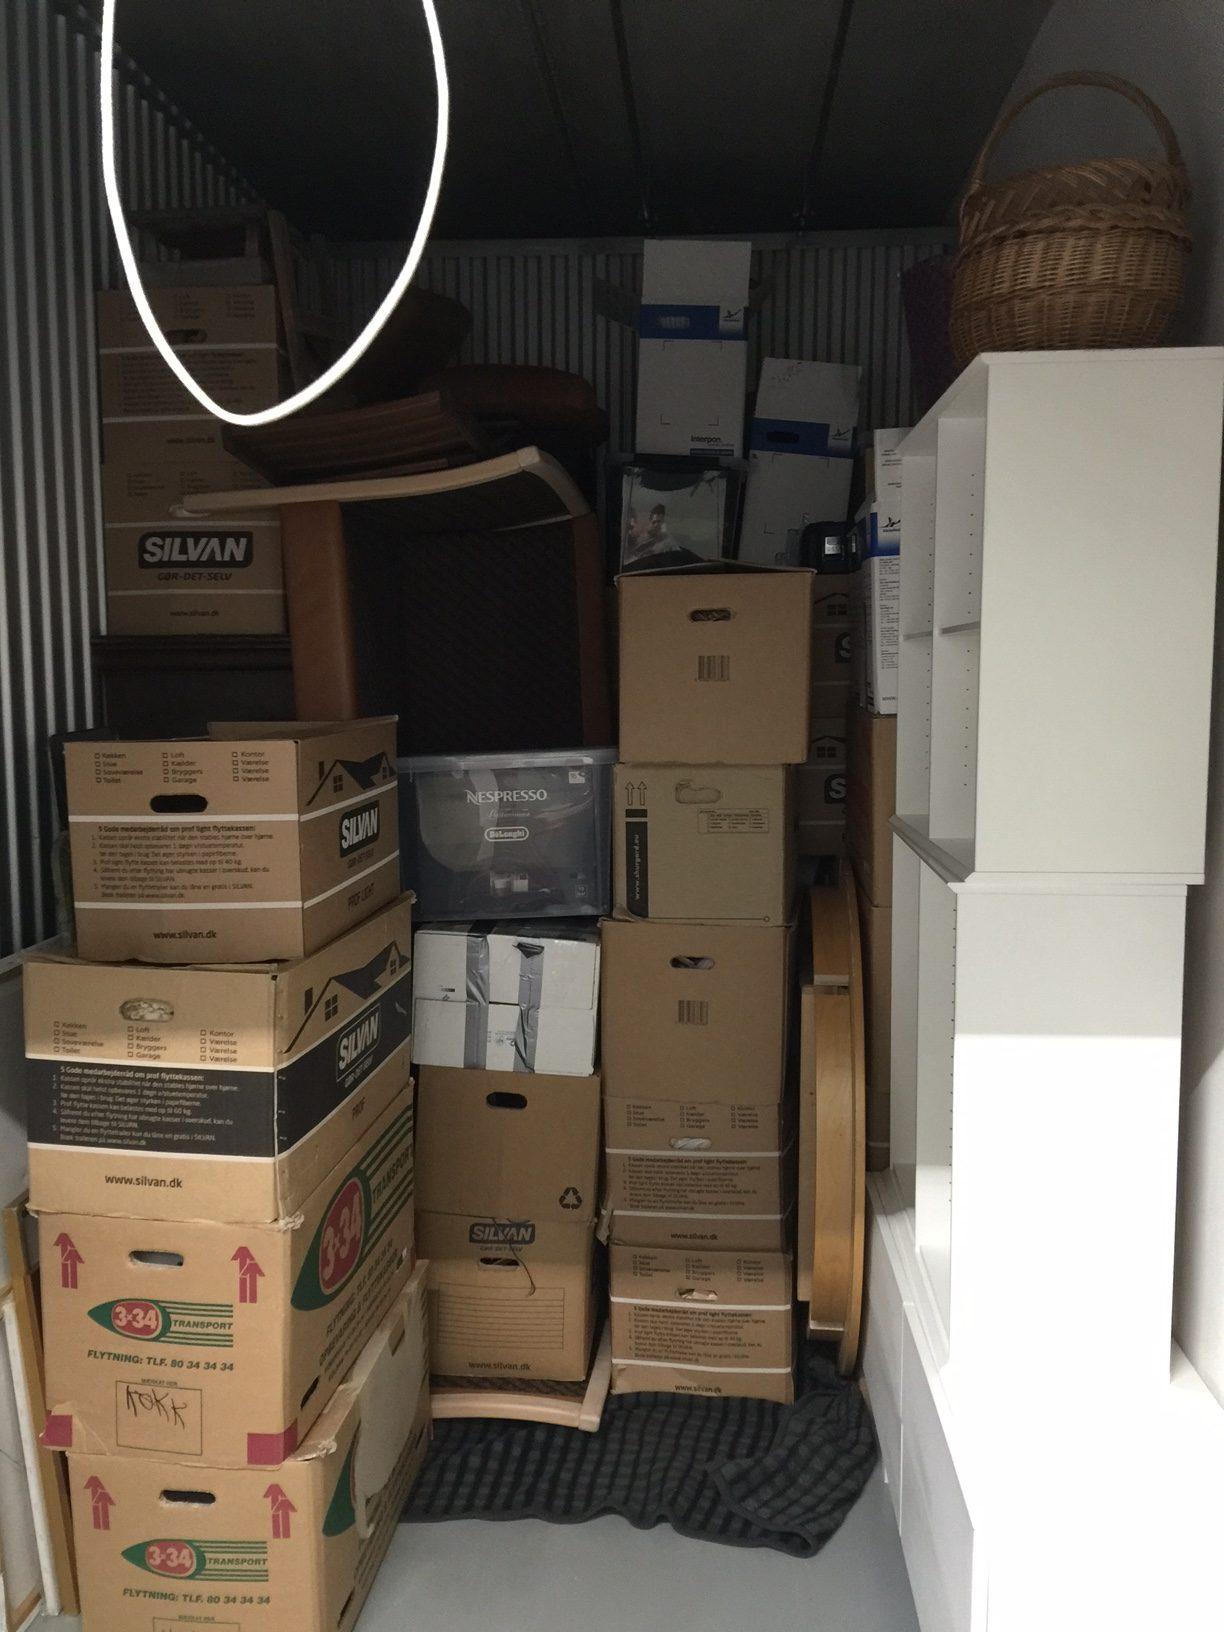 Priser Pa Opbevaring Super Priser Sikre Faciliteter Dognflyt Logistik